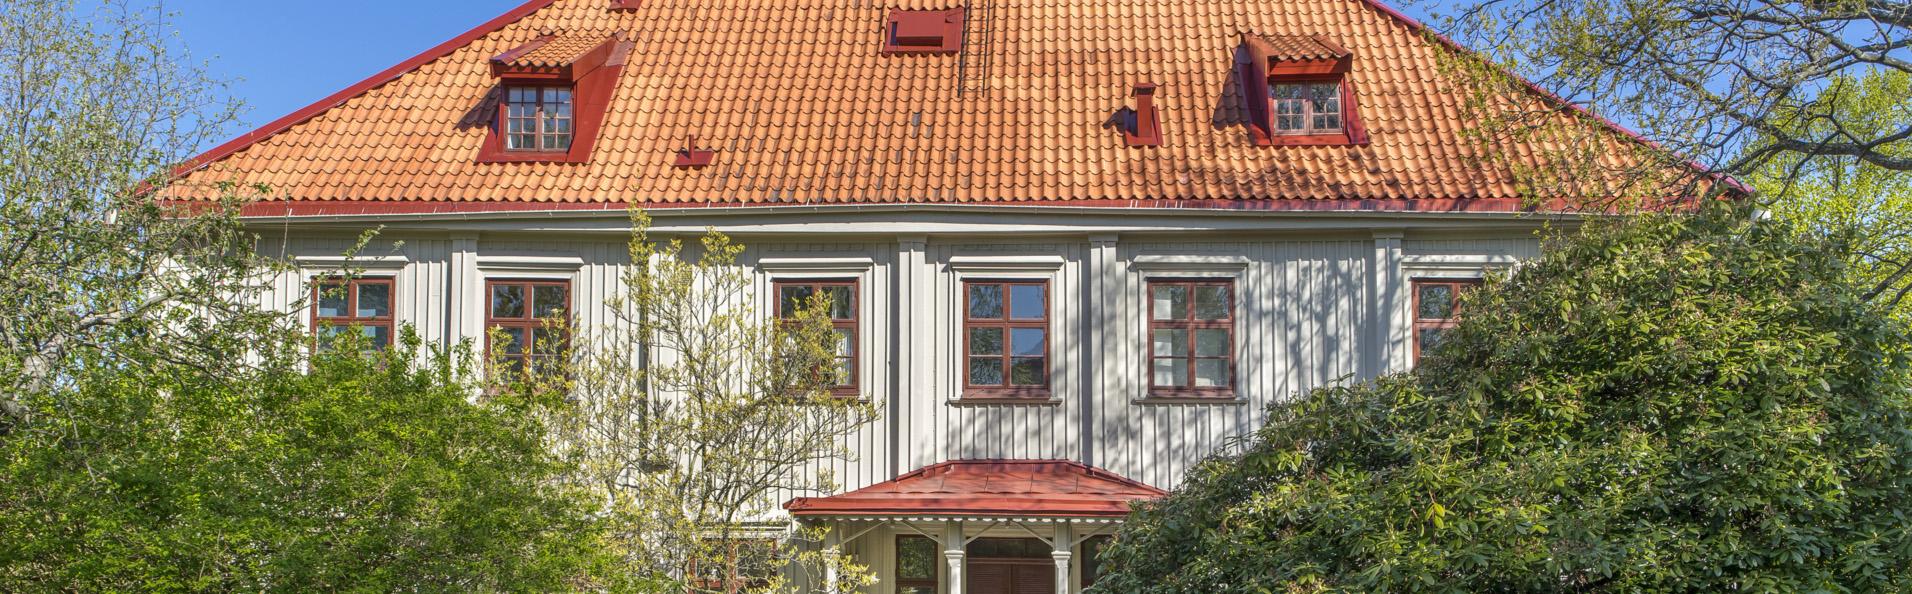 Baksidan av Gathenhielmska Huset med grönska.